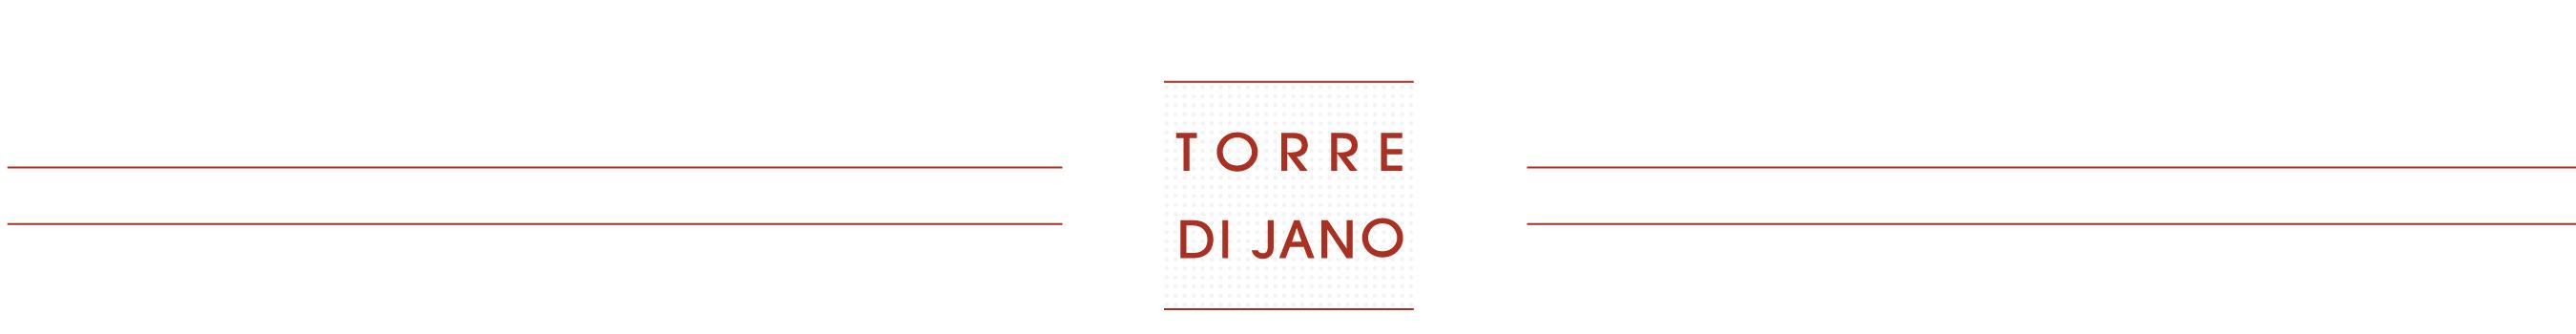 Torre di Jano -